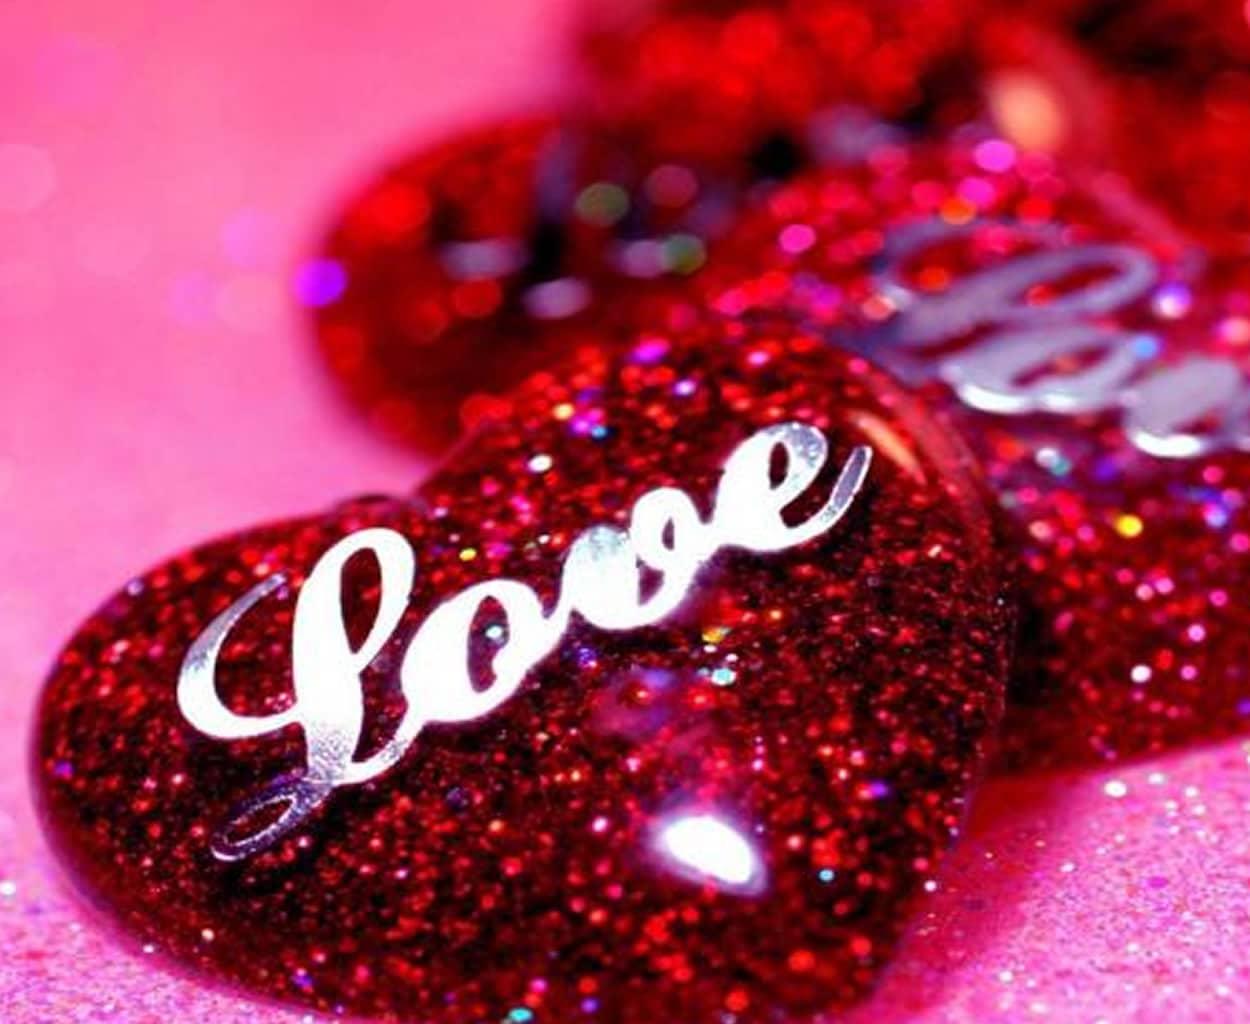 agios valentinos afta ine ta zodia pou evnoounte simera